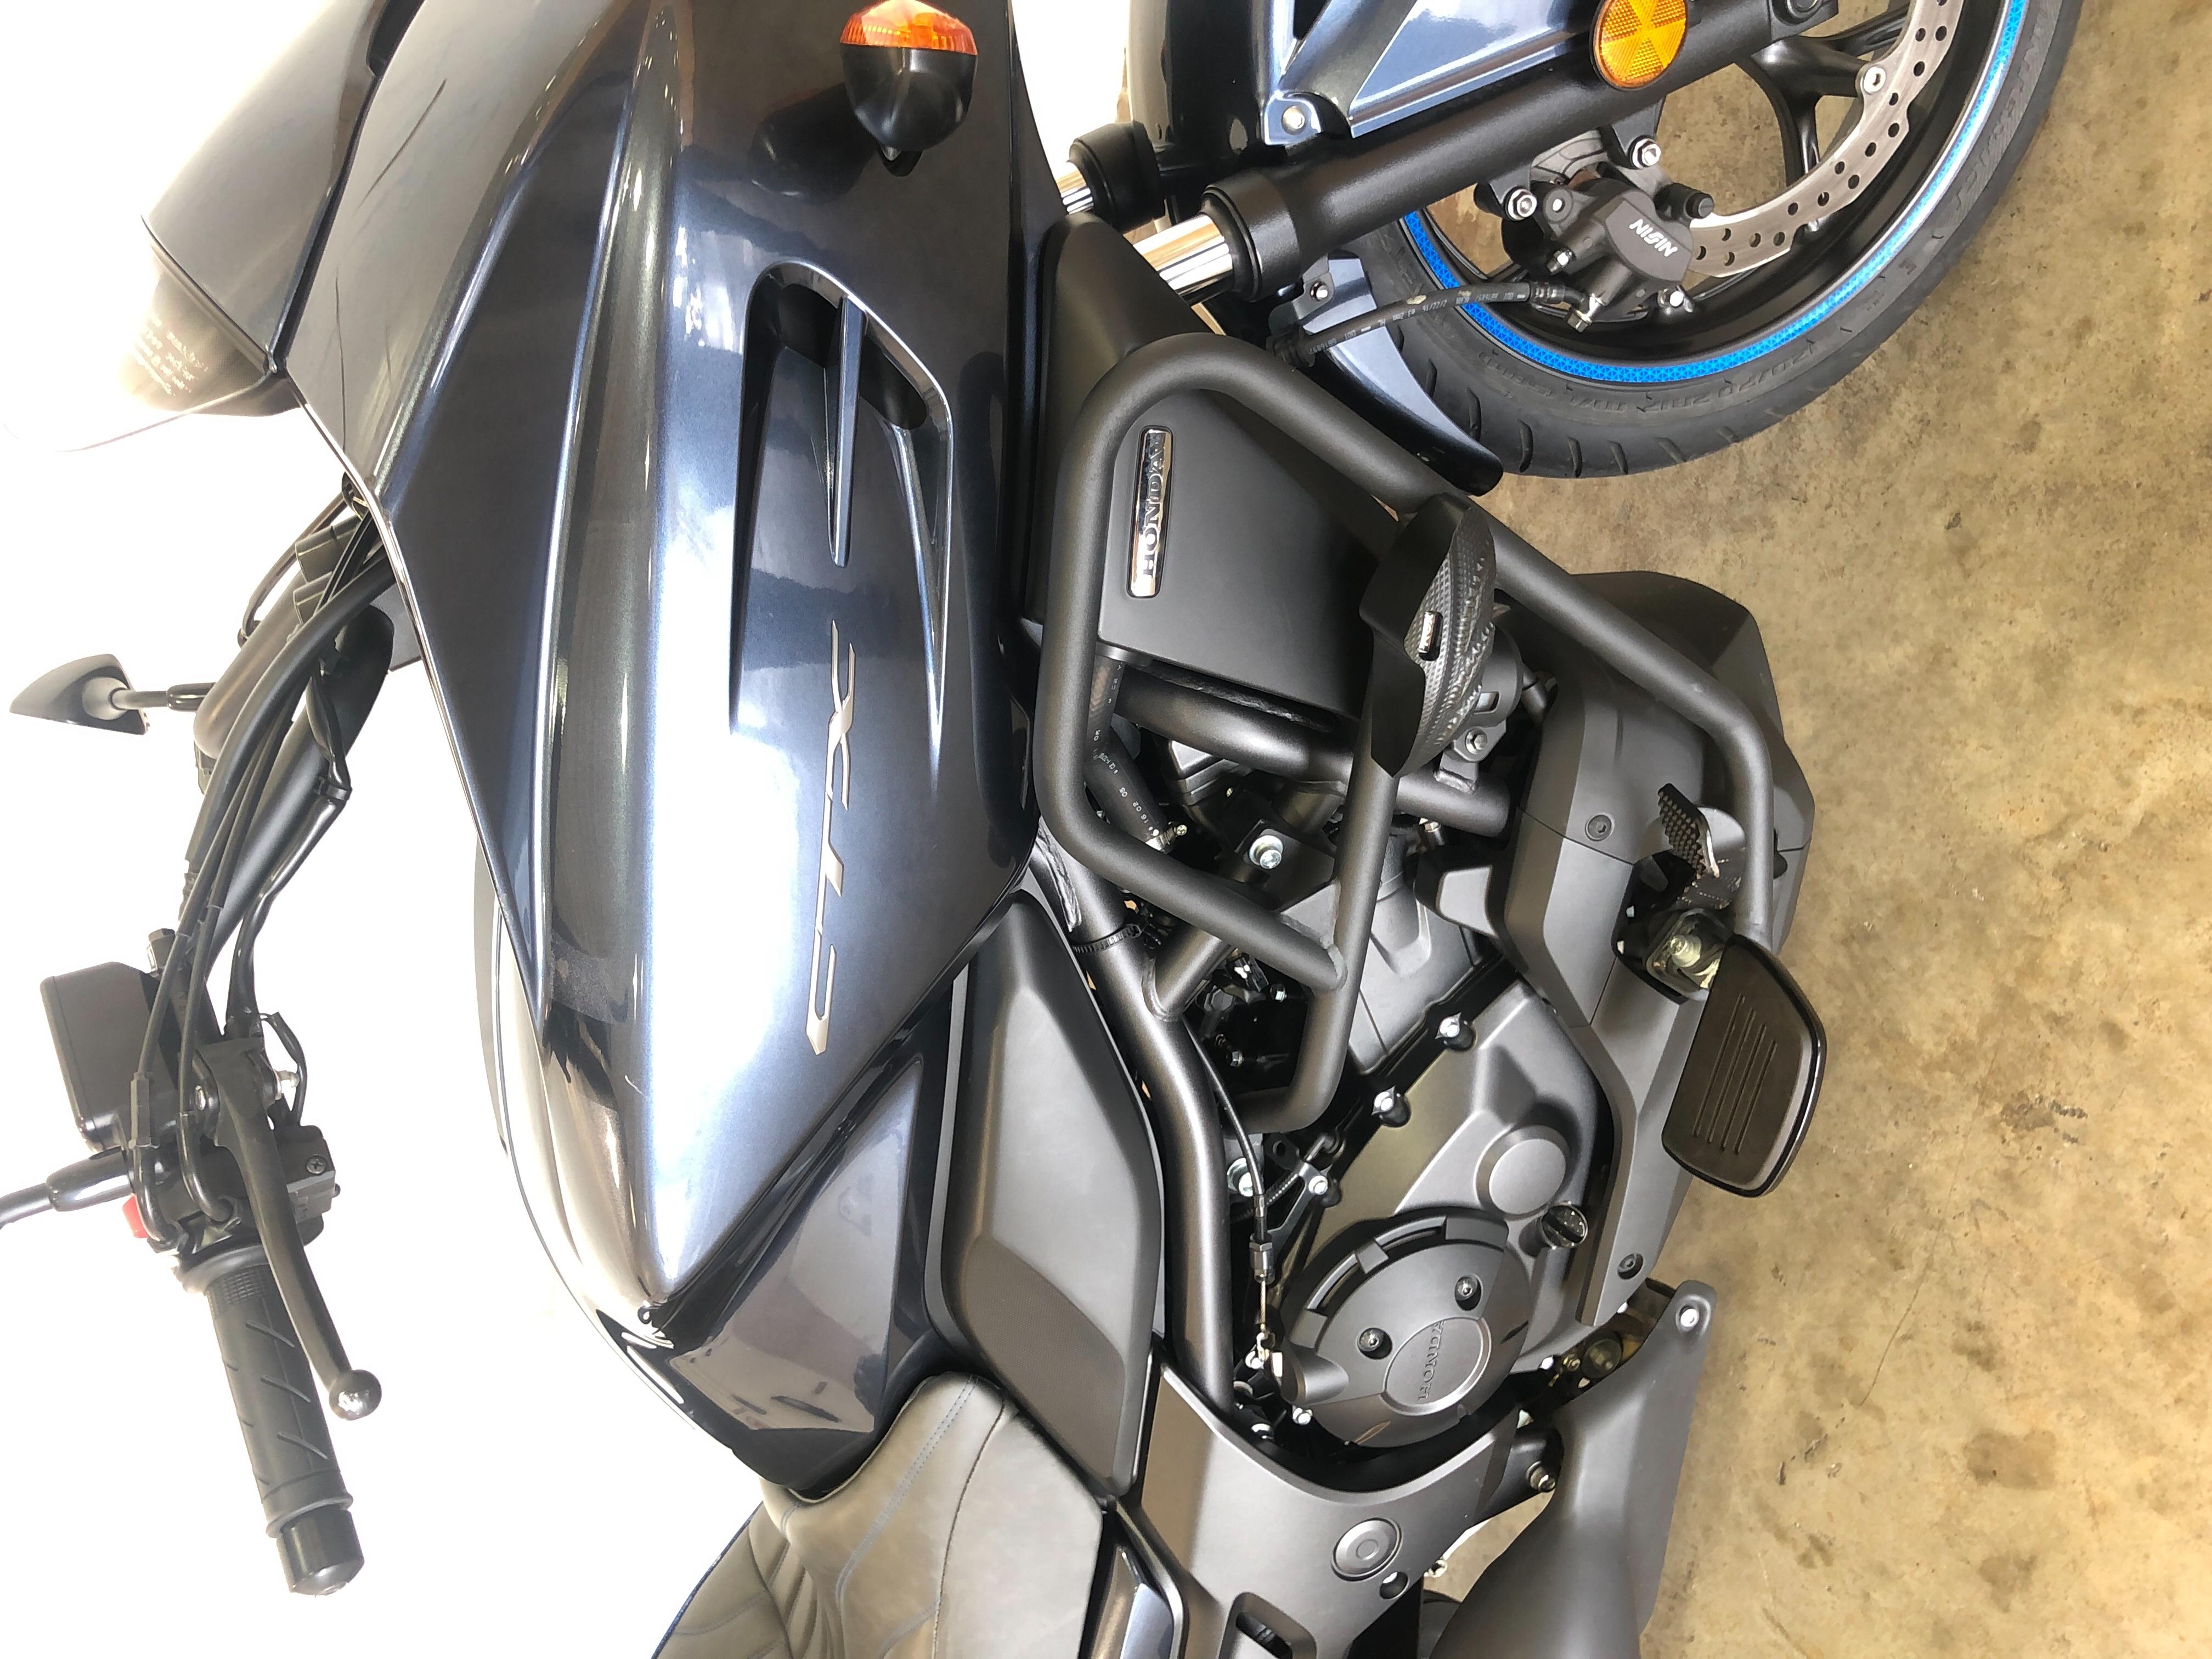 2016 Honda CTX 700 at Twisted Cycles